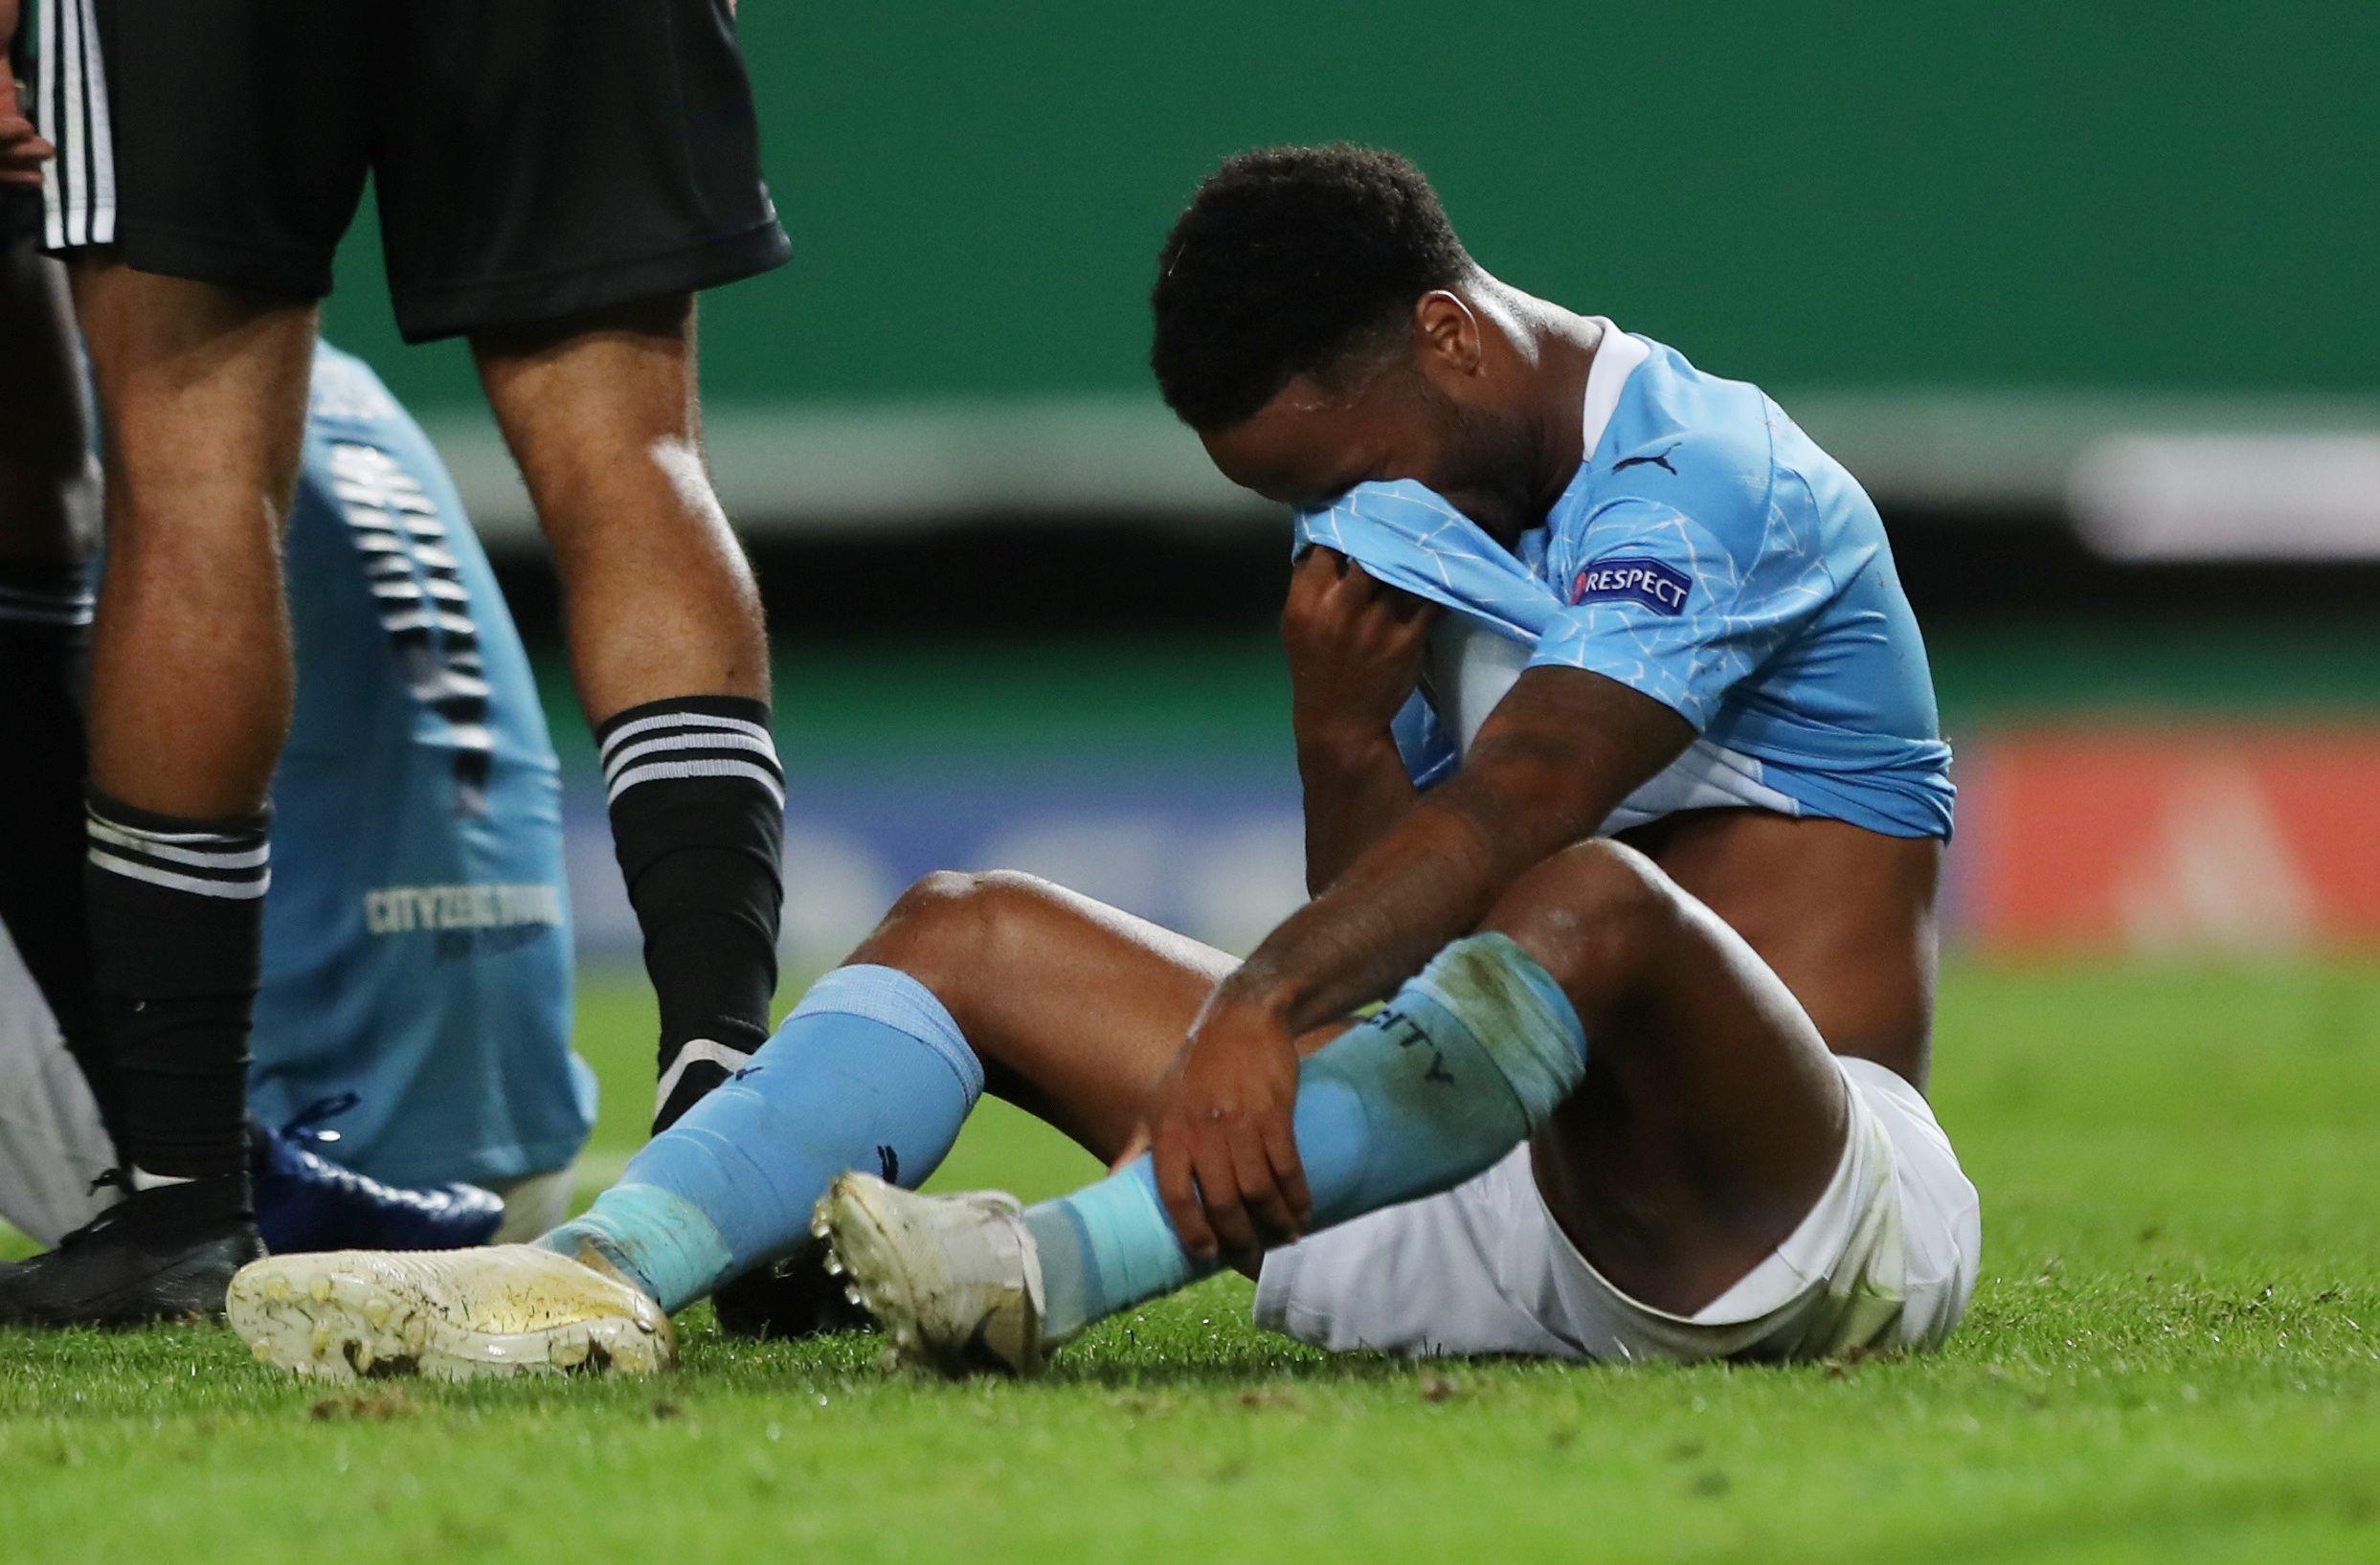 Sterling se lamenta por el gol errado (Miguel A. Lopes/Pool via REUTERS)